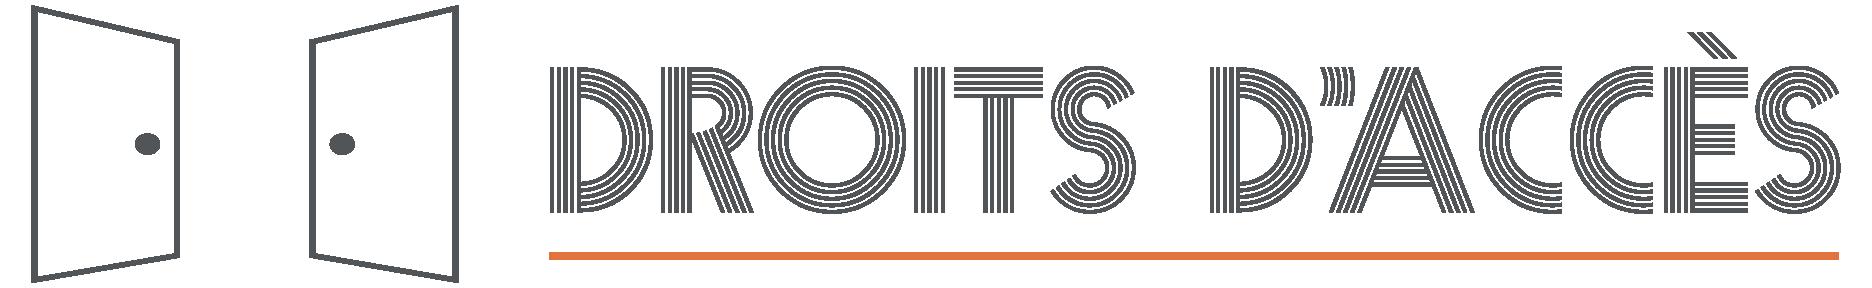 Association Droits D'Accès